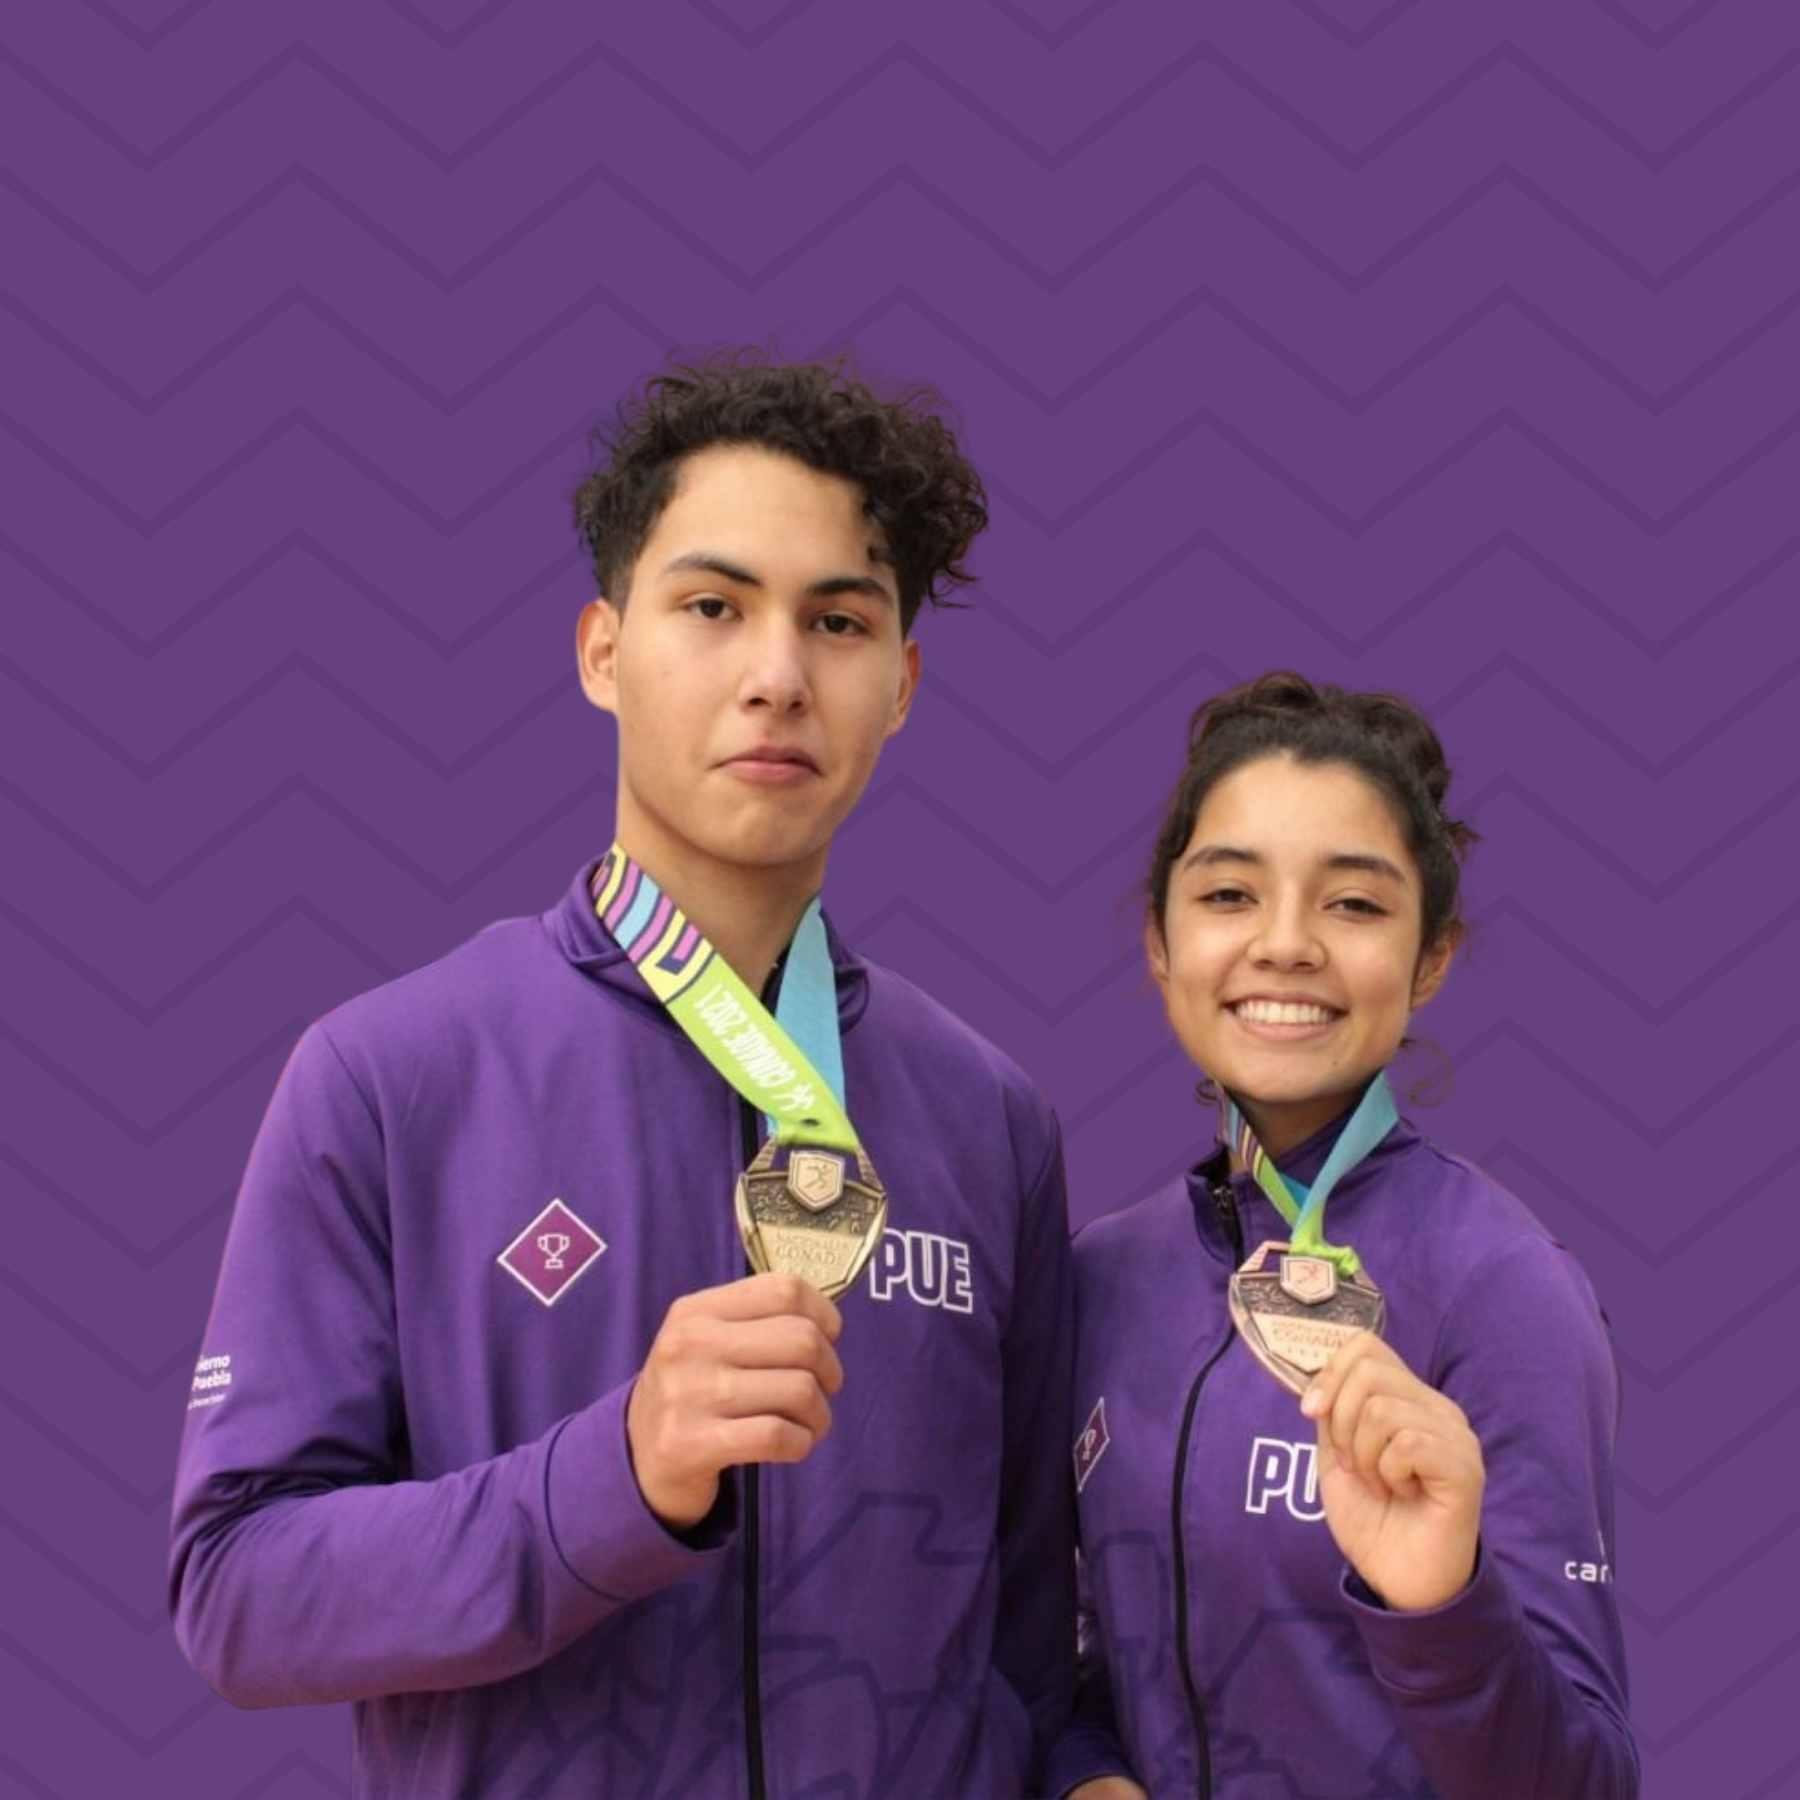 La delegación poblana de taekwondo obtuvo siete medallas, dos de oro y cinco de bronce, en los Nacionales CONADE 2021.